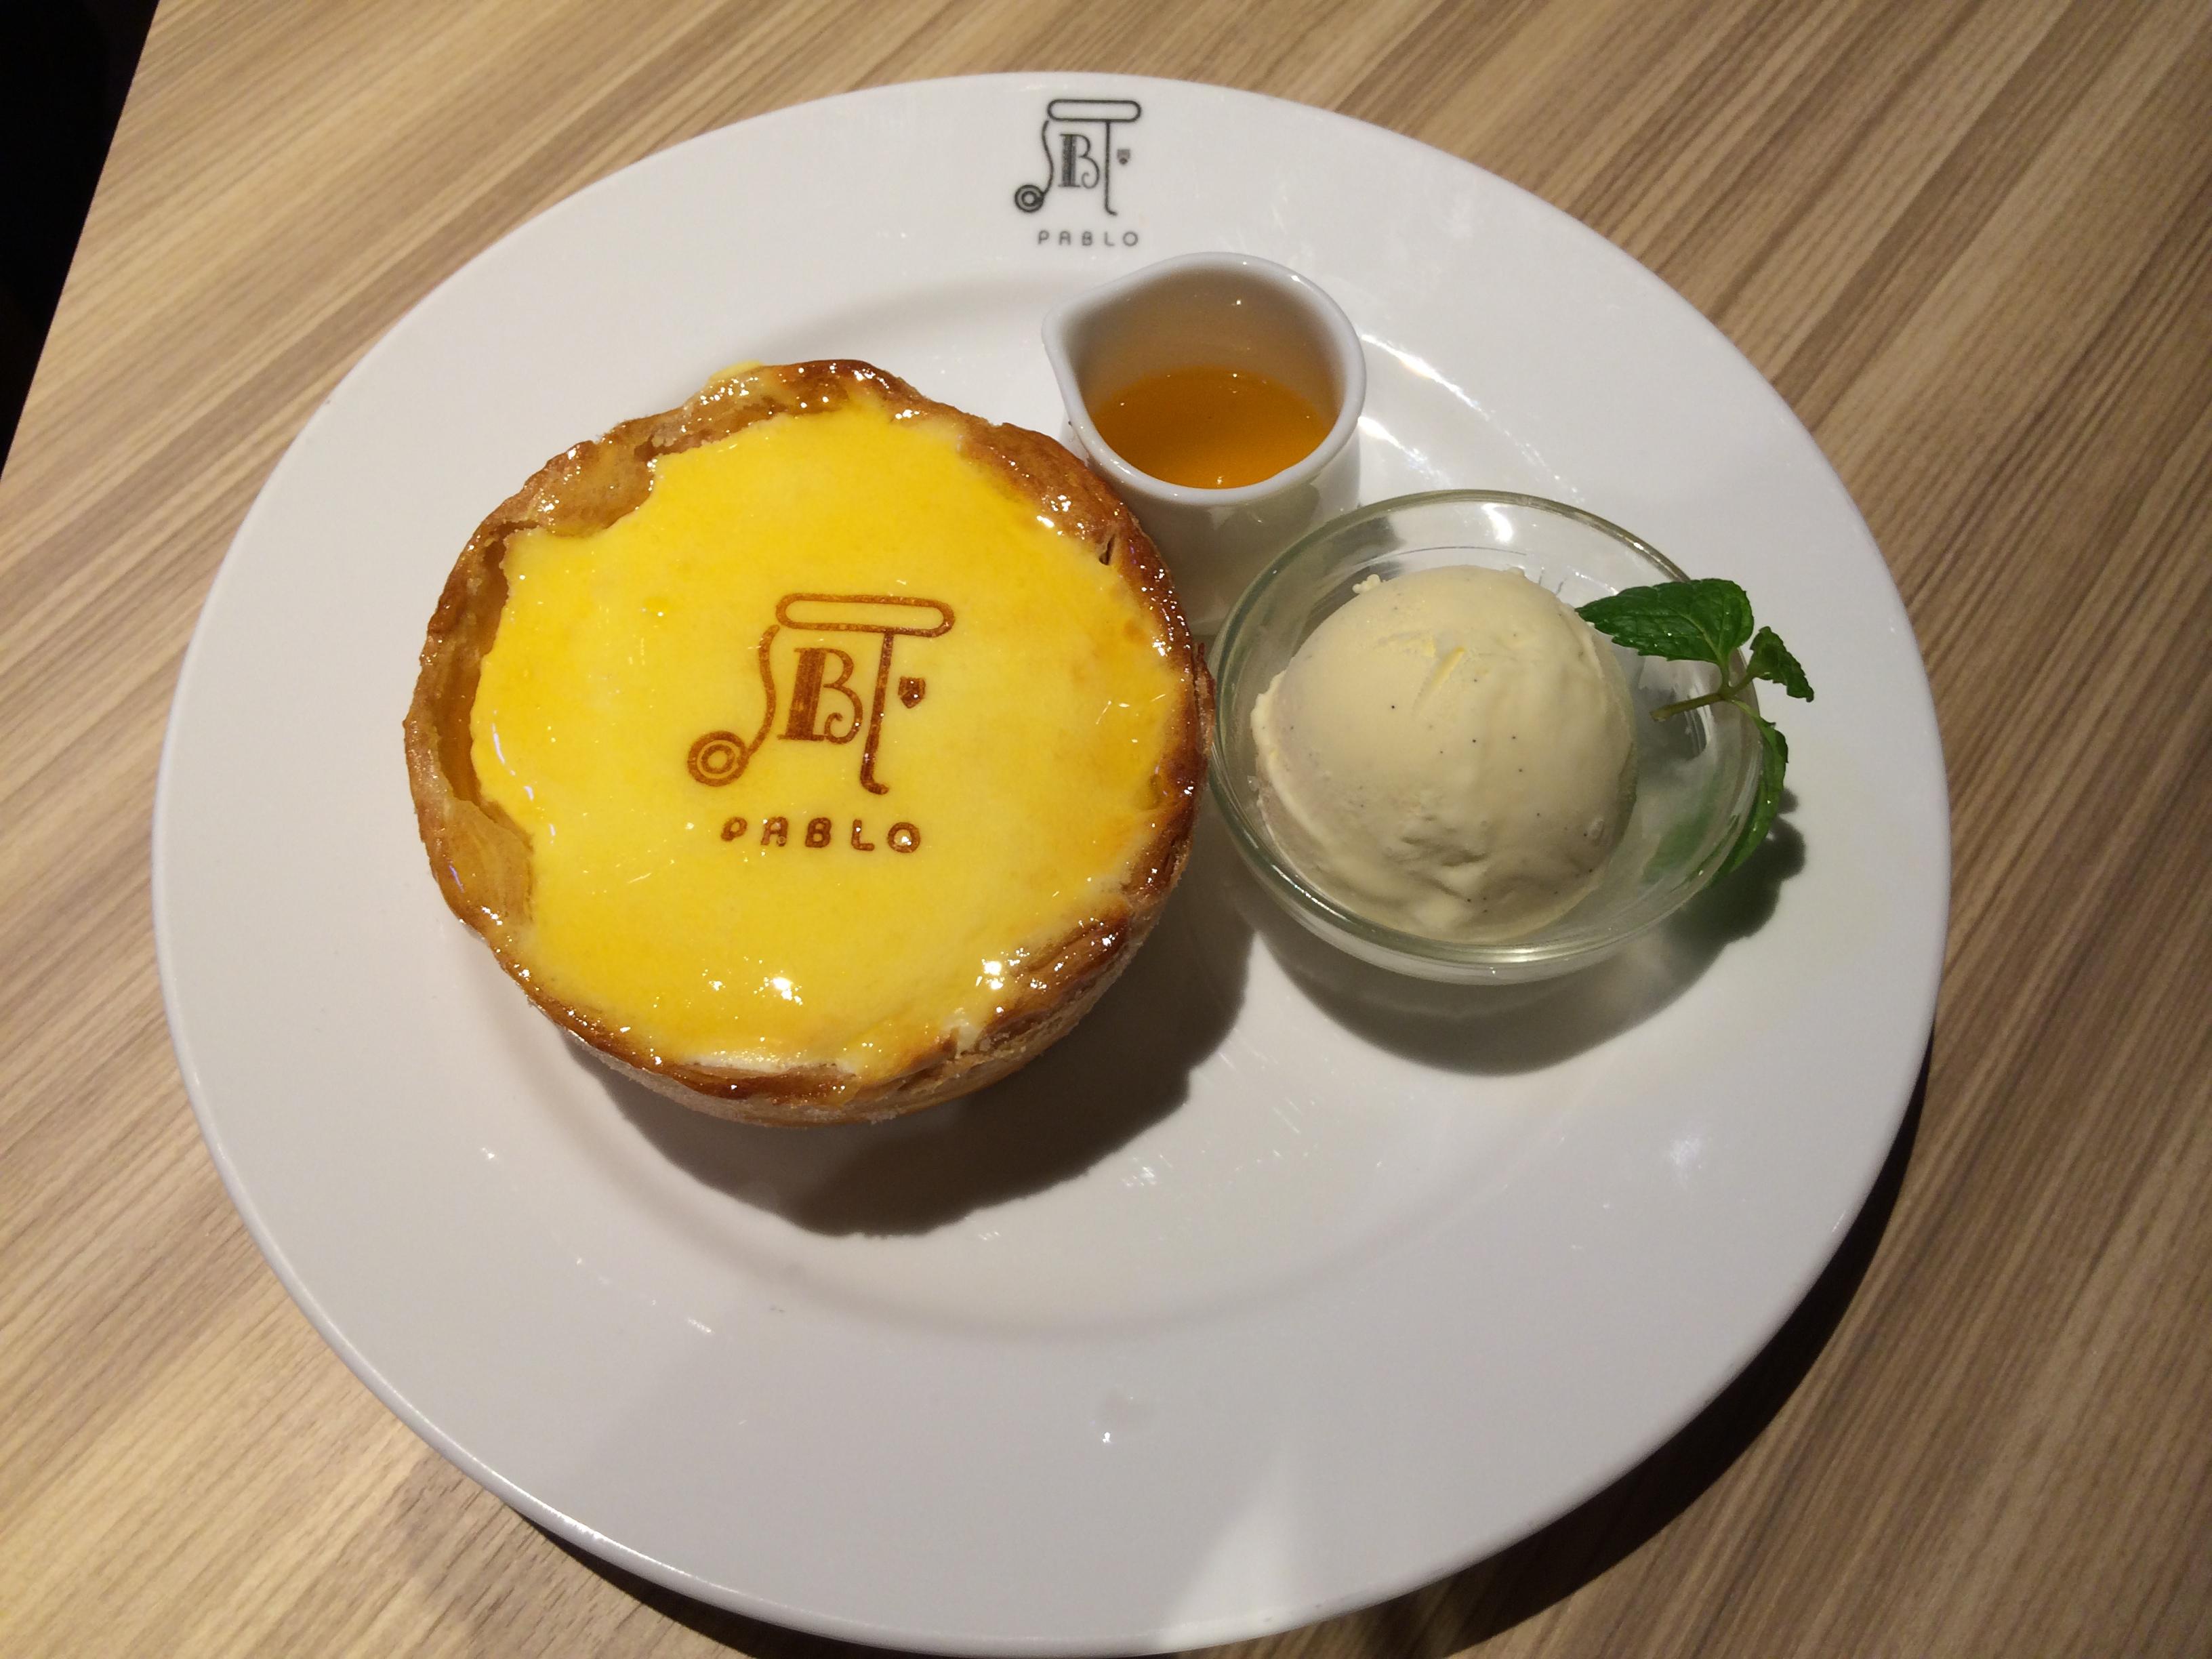 【大阪・難波】口コミで大人気のチーズケーキ・パブロの ...